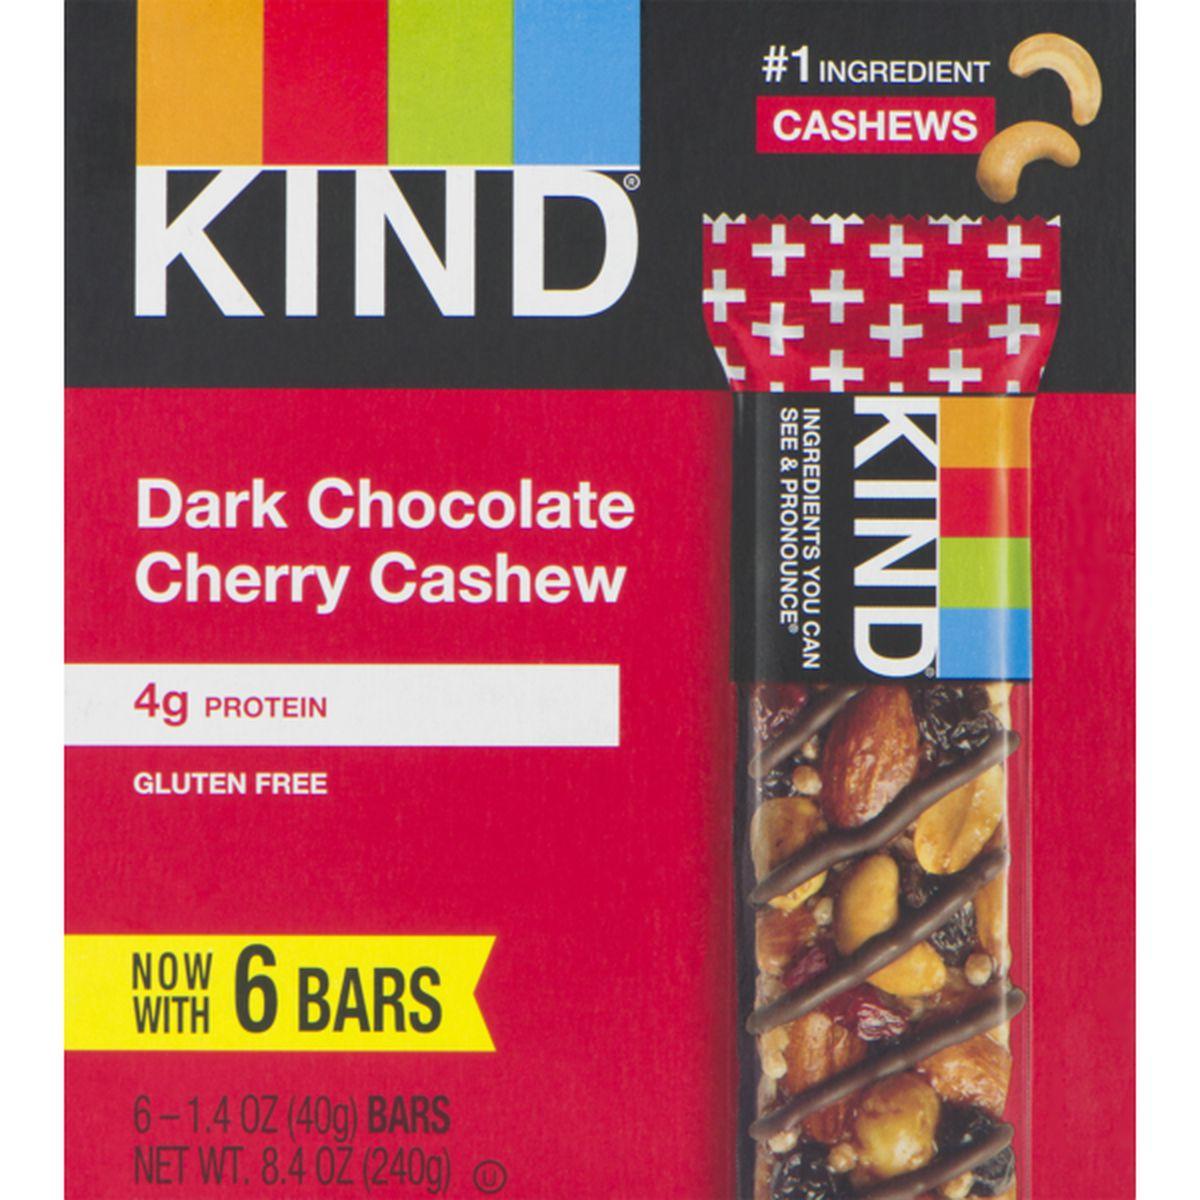 Dark Chocolate Cherry Cashew, Gluten Free